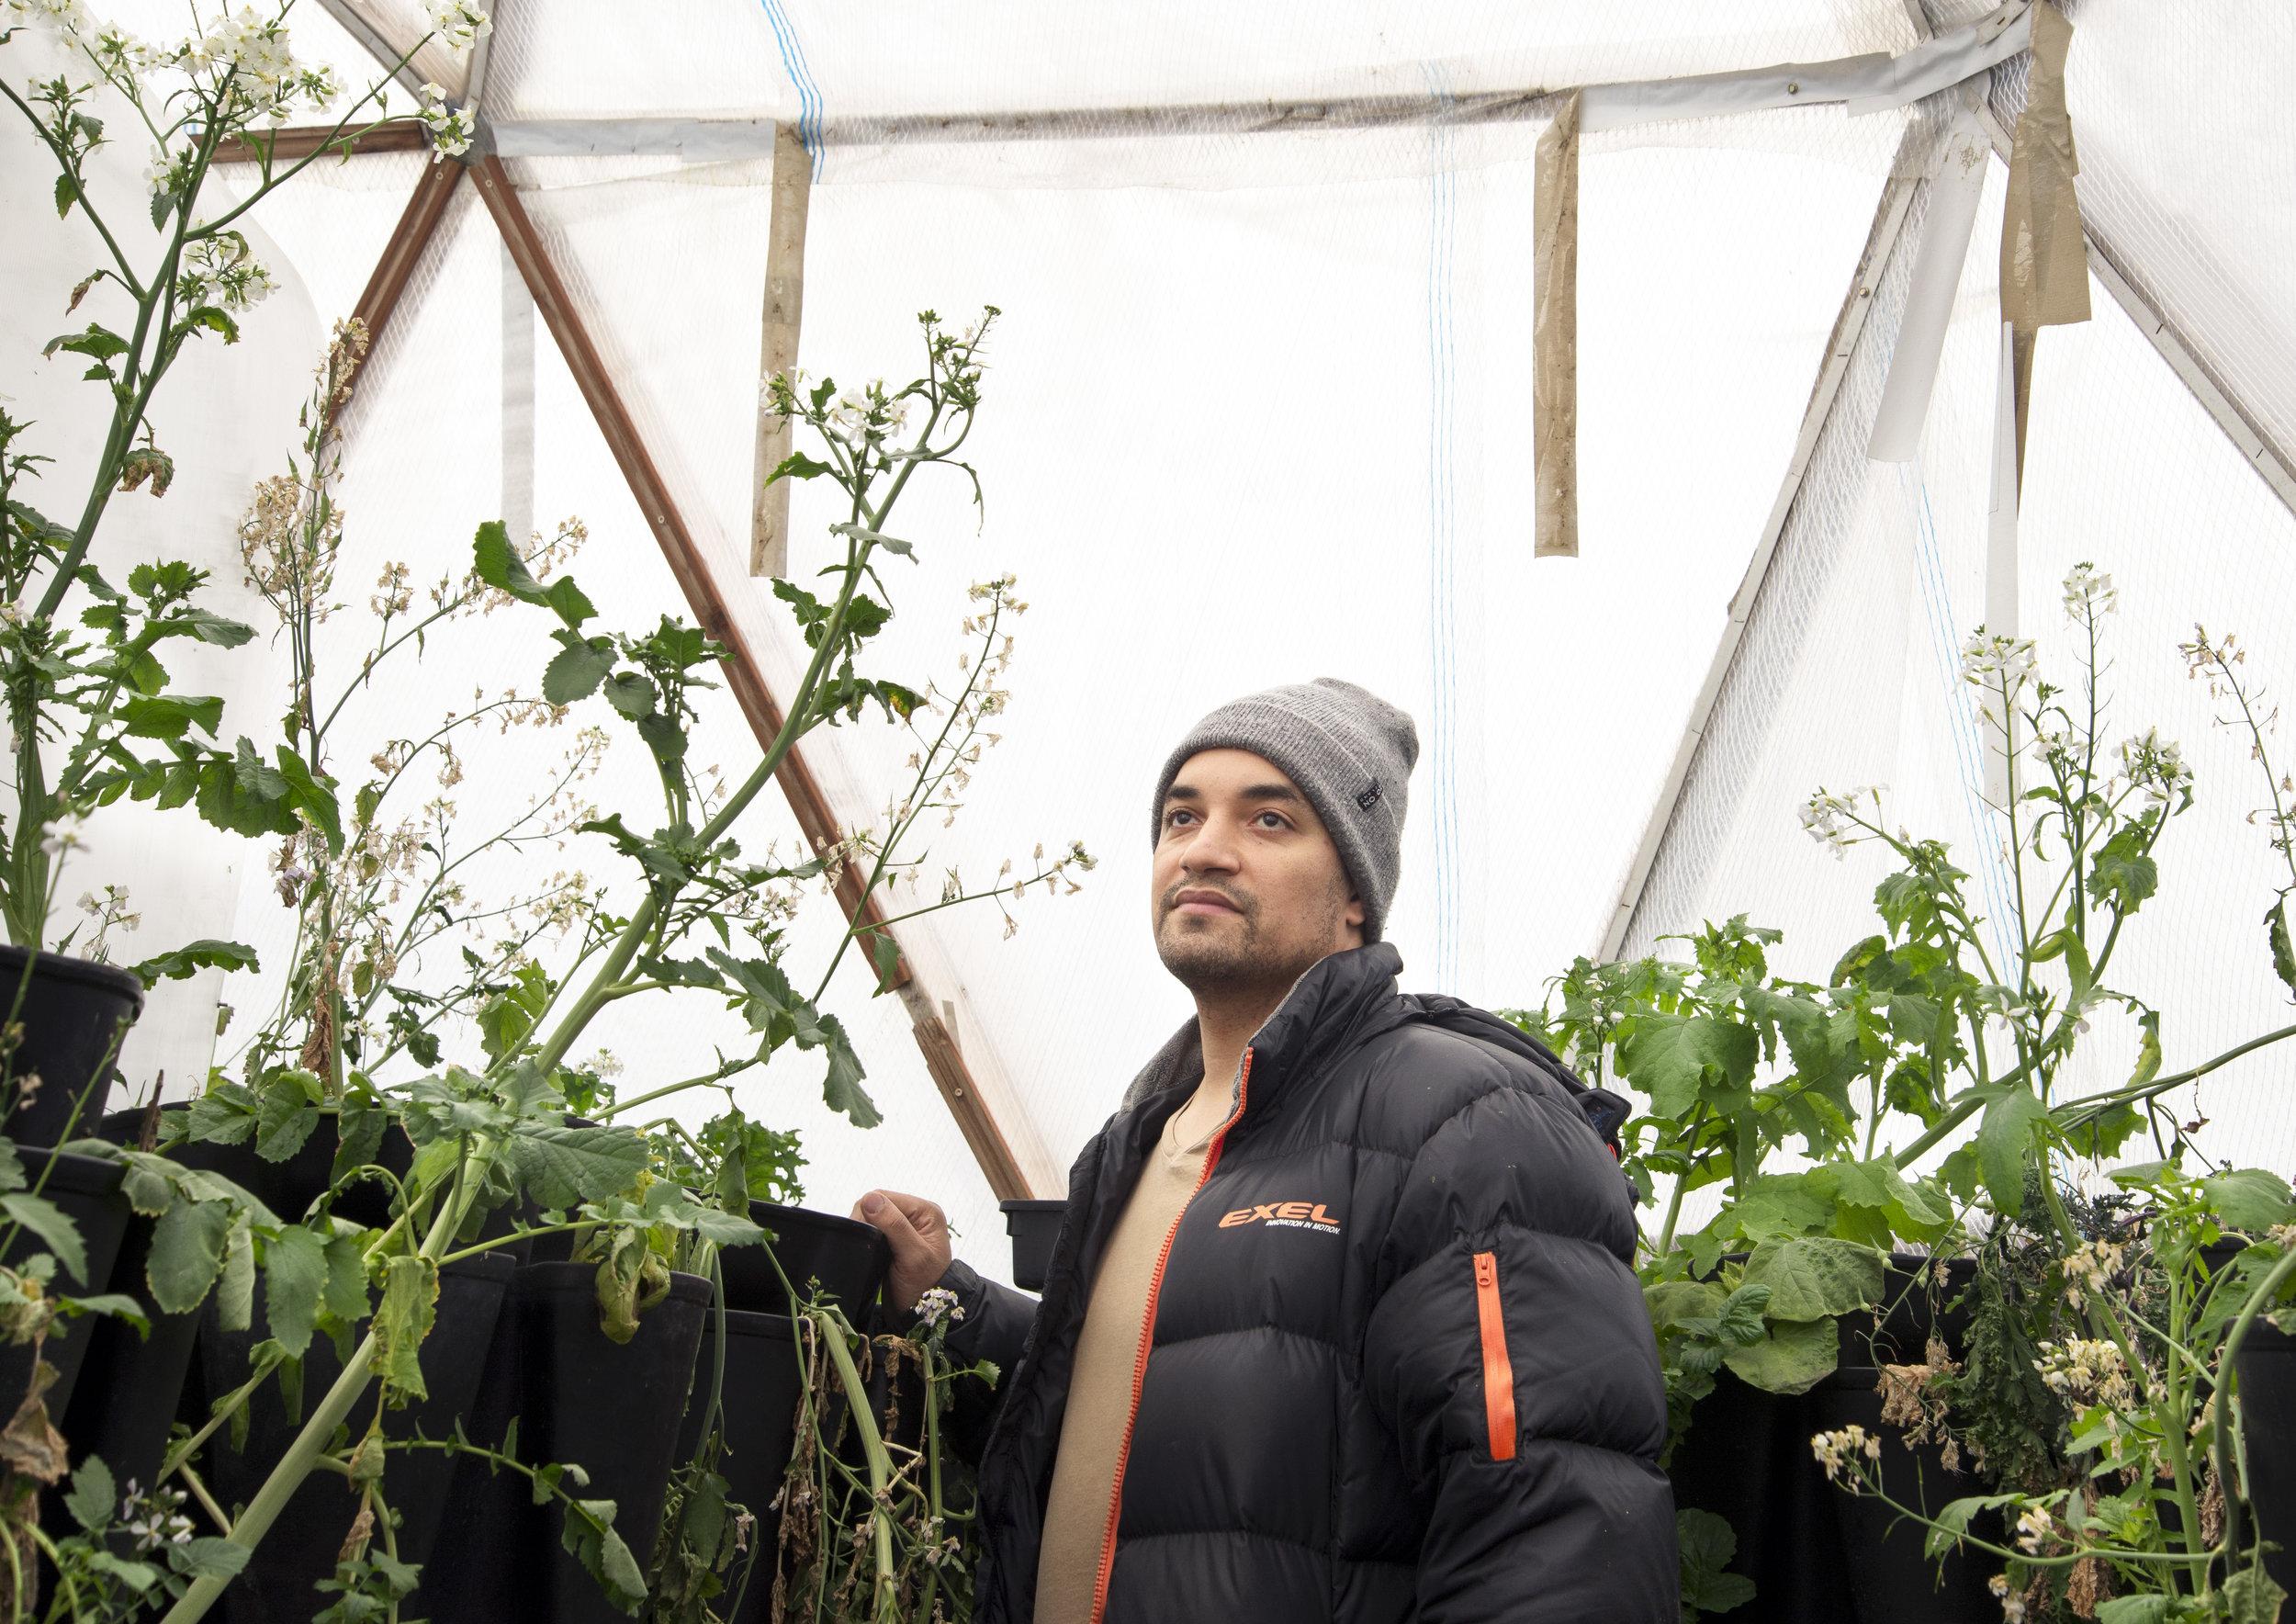 Chef Ben in his Polar Garden.